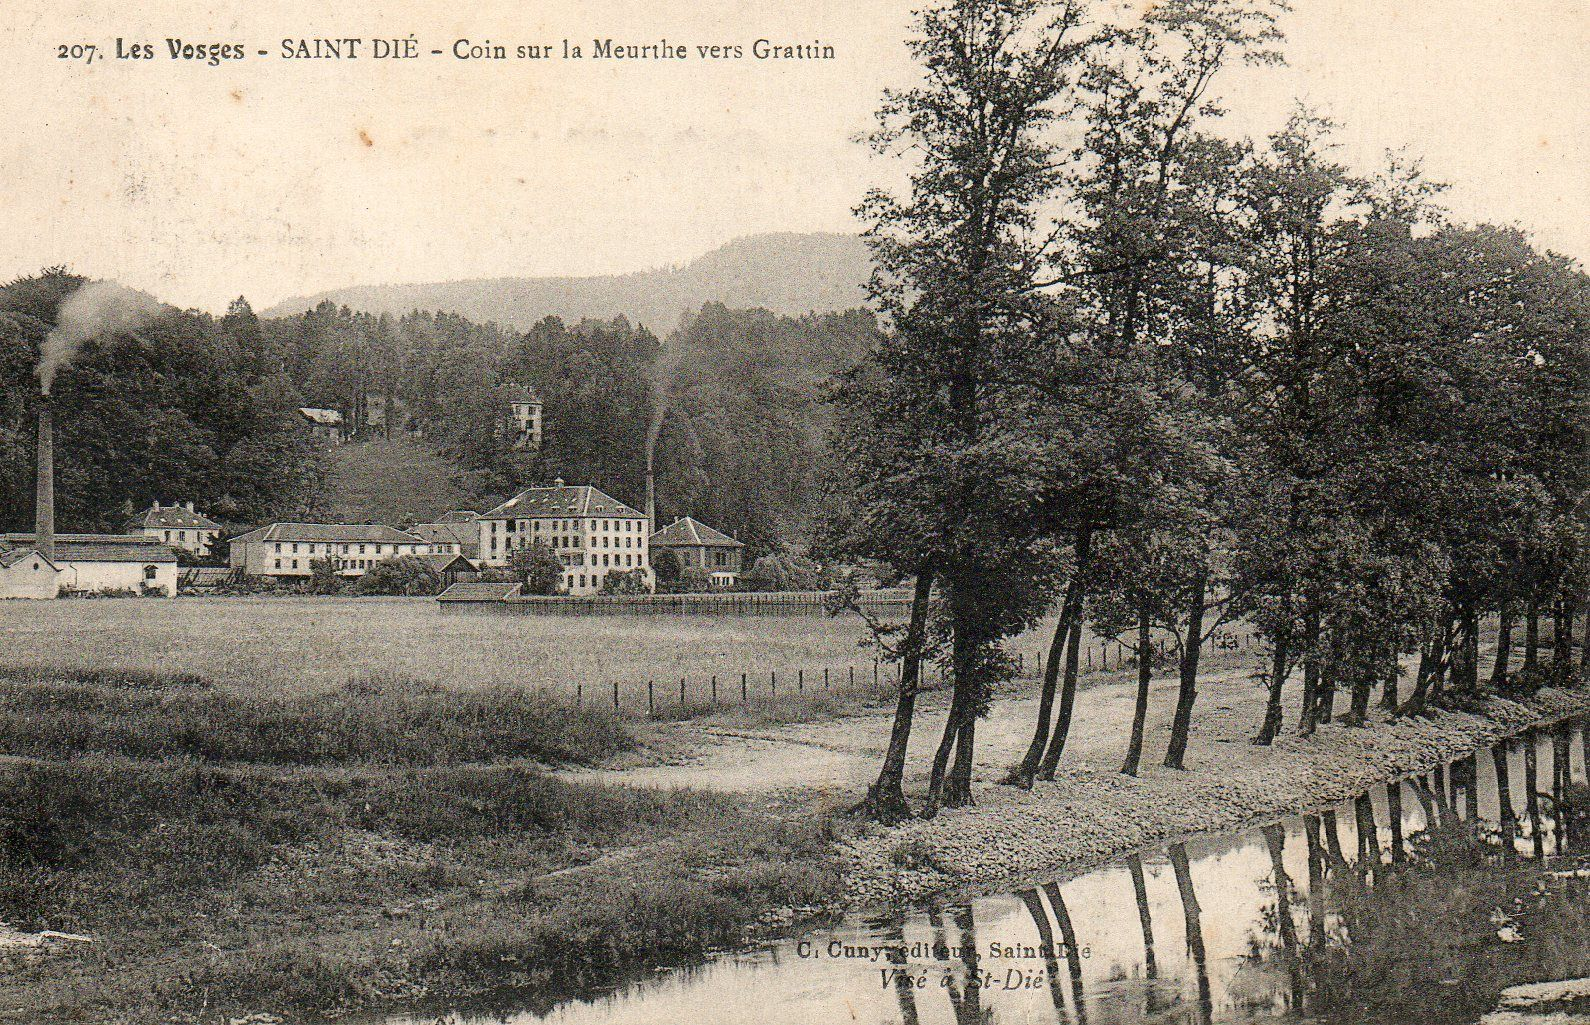 Saint Dié - Vosges